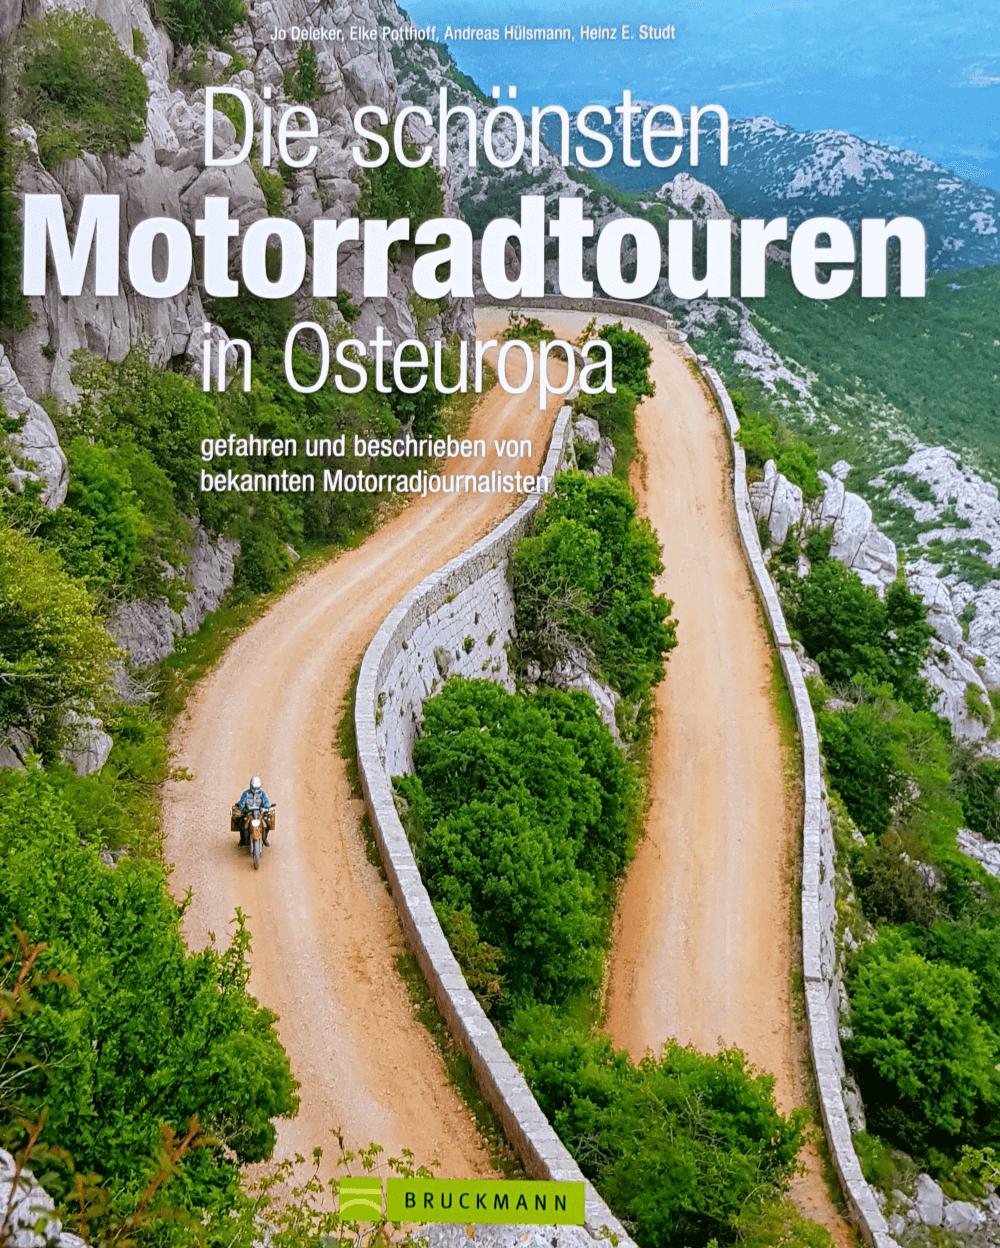 Bruckmann Verlag Buch Motorrad Geheimtipps in Europa mit Beitrag von bikerdream.de